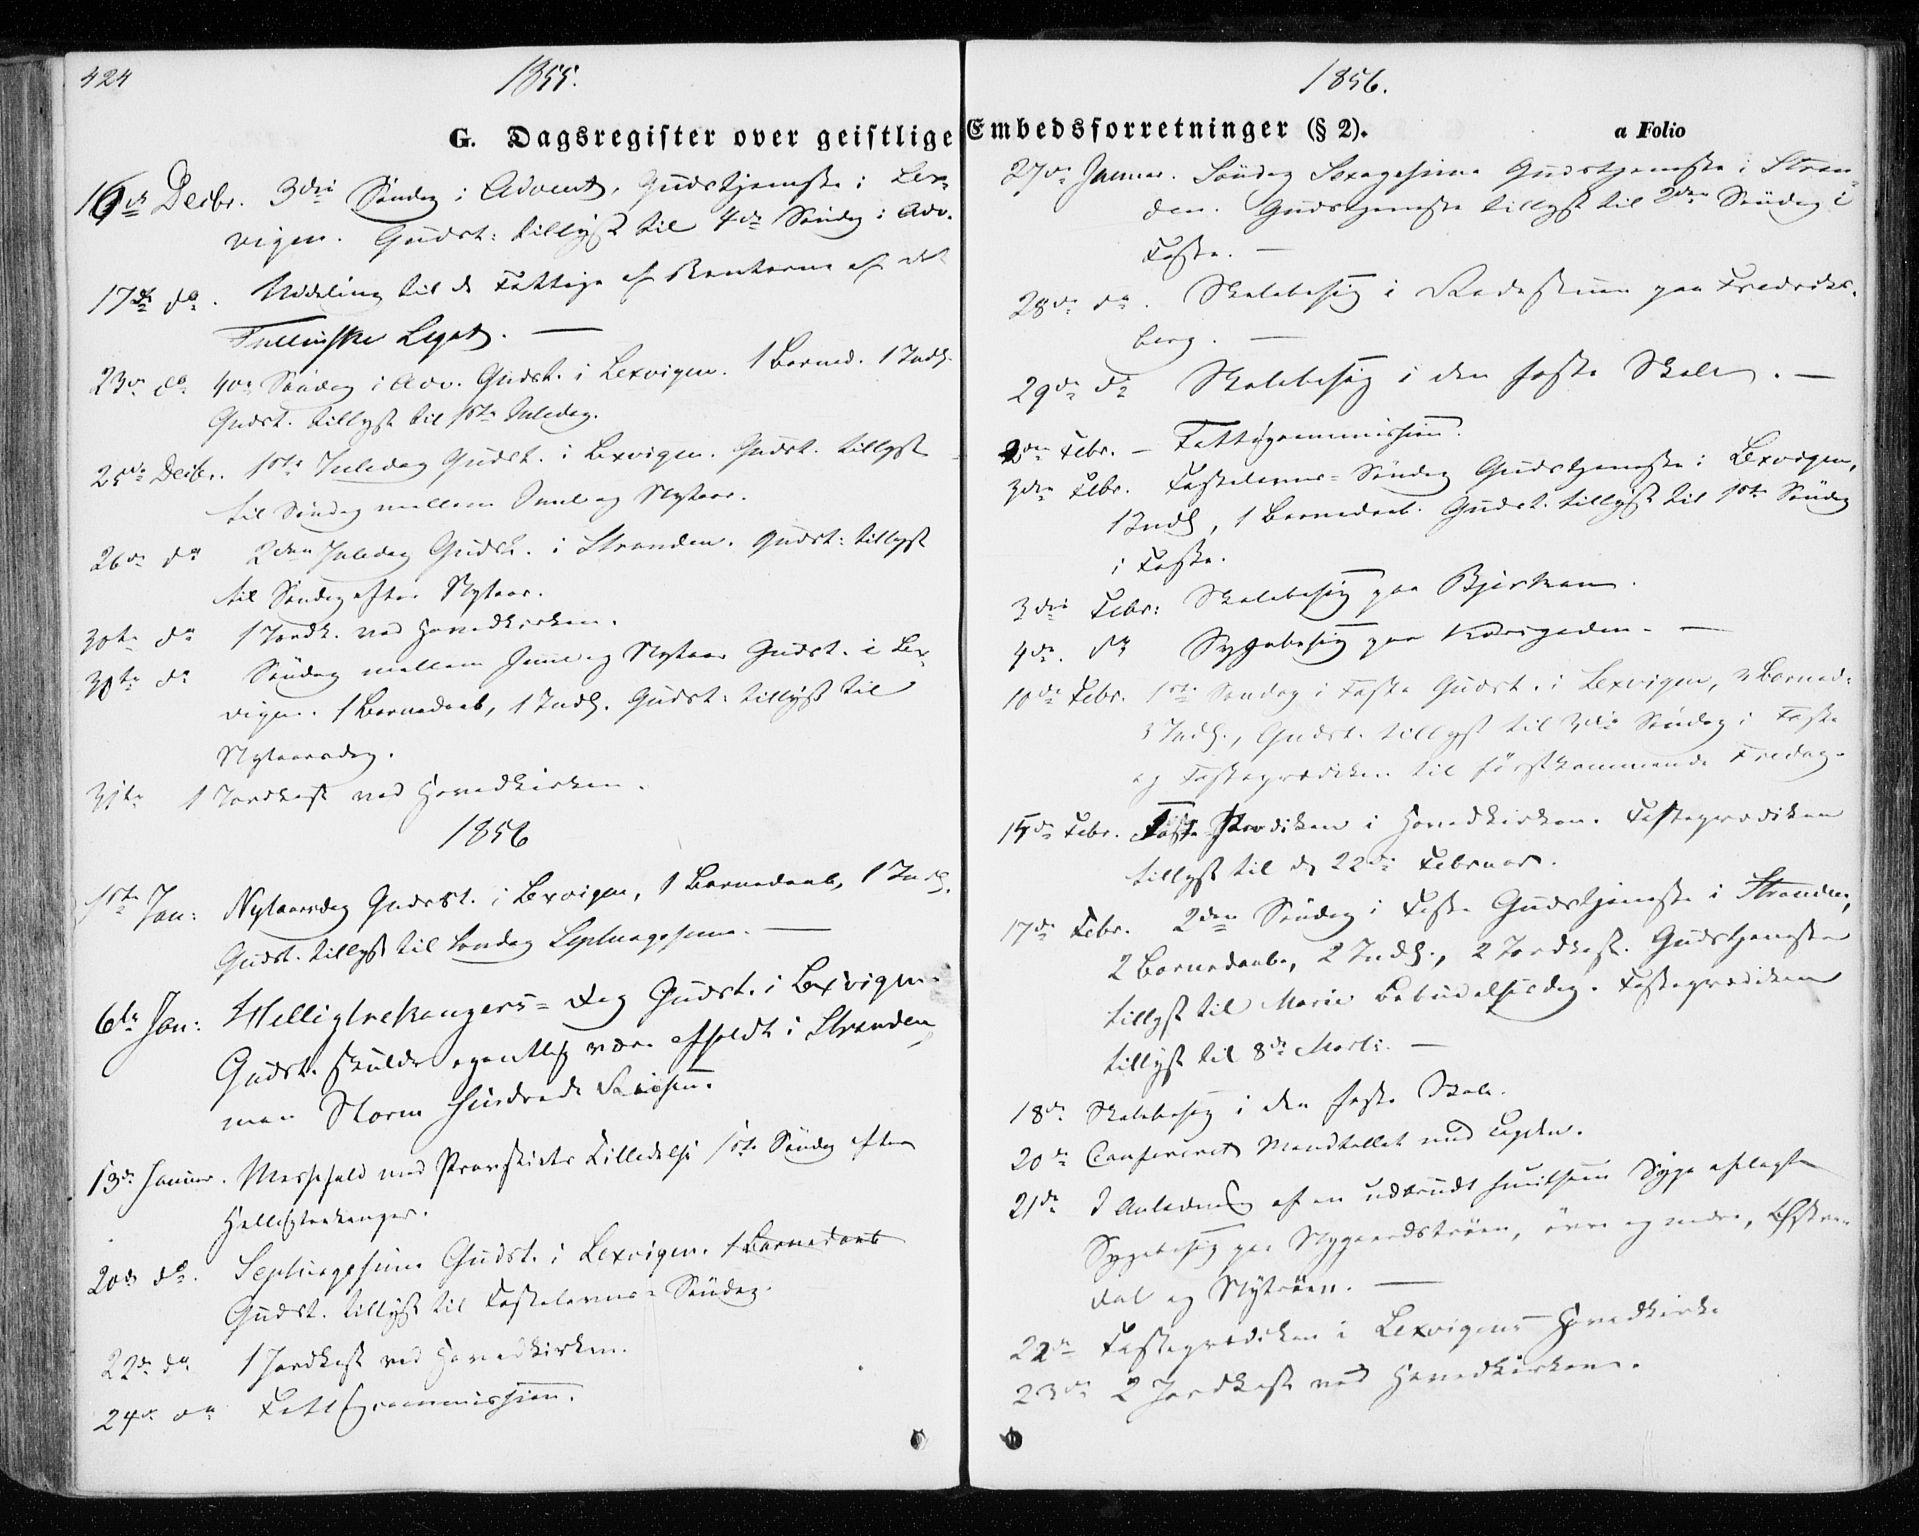 SAT, Ministerialprotokoller, klokkerbøker og fødselsregistre - Nord-Trøndelag, 701/L0008: Ministerialbok nr. 701A08 /1, 1854-1863, s. 424